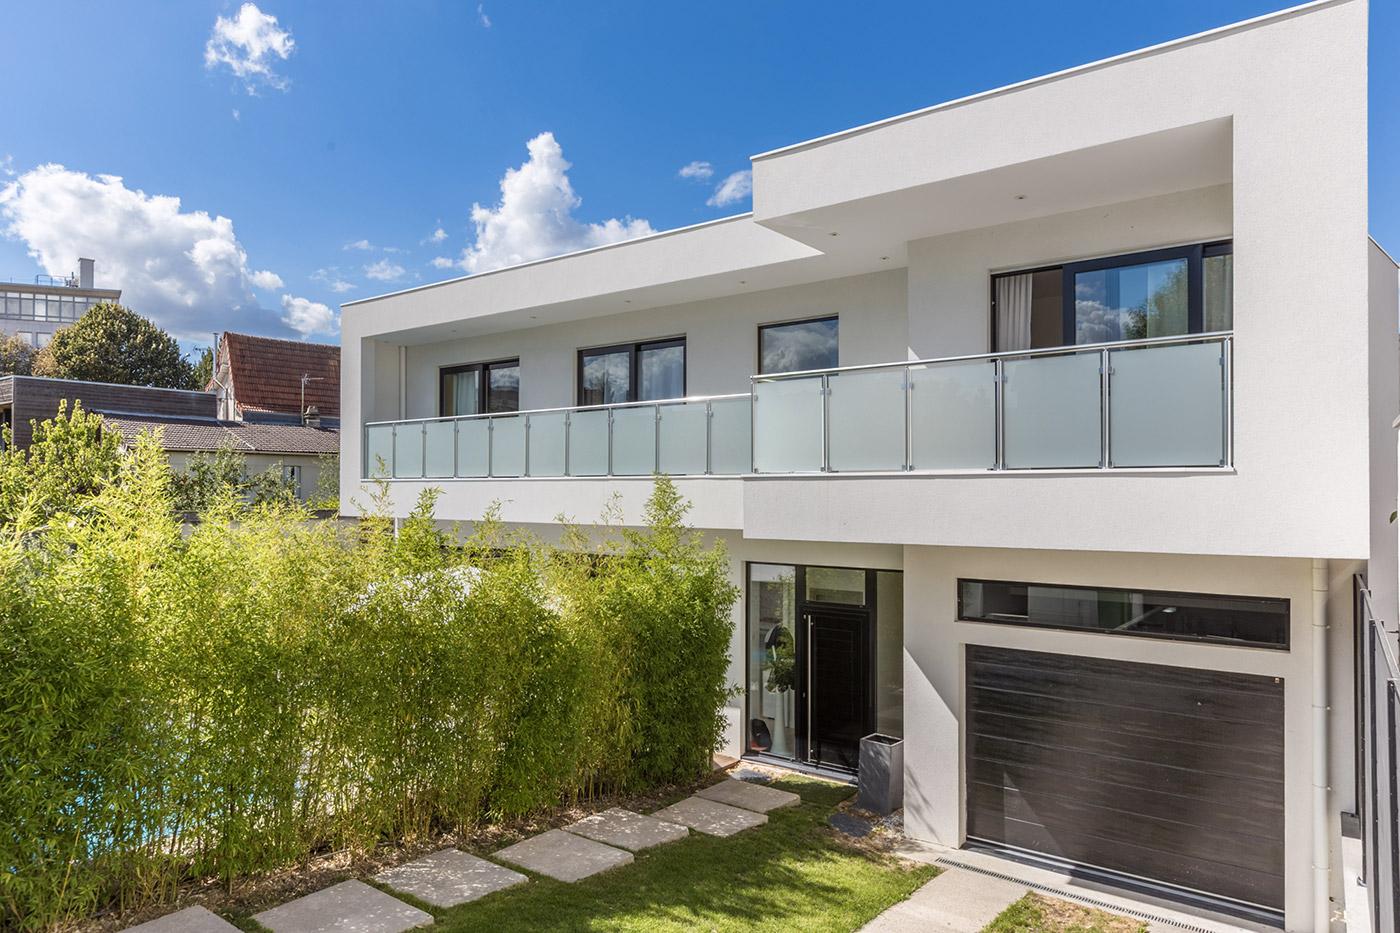 Architecture pur e et design minimaliste pour une maison for Maison minimaliste